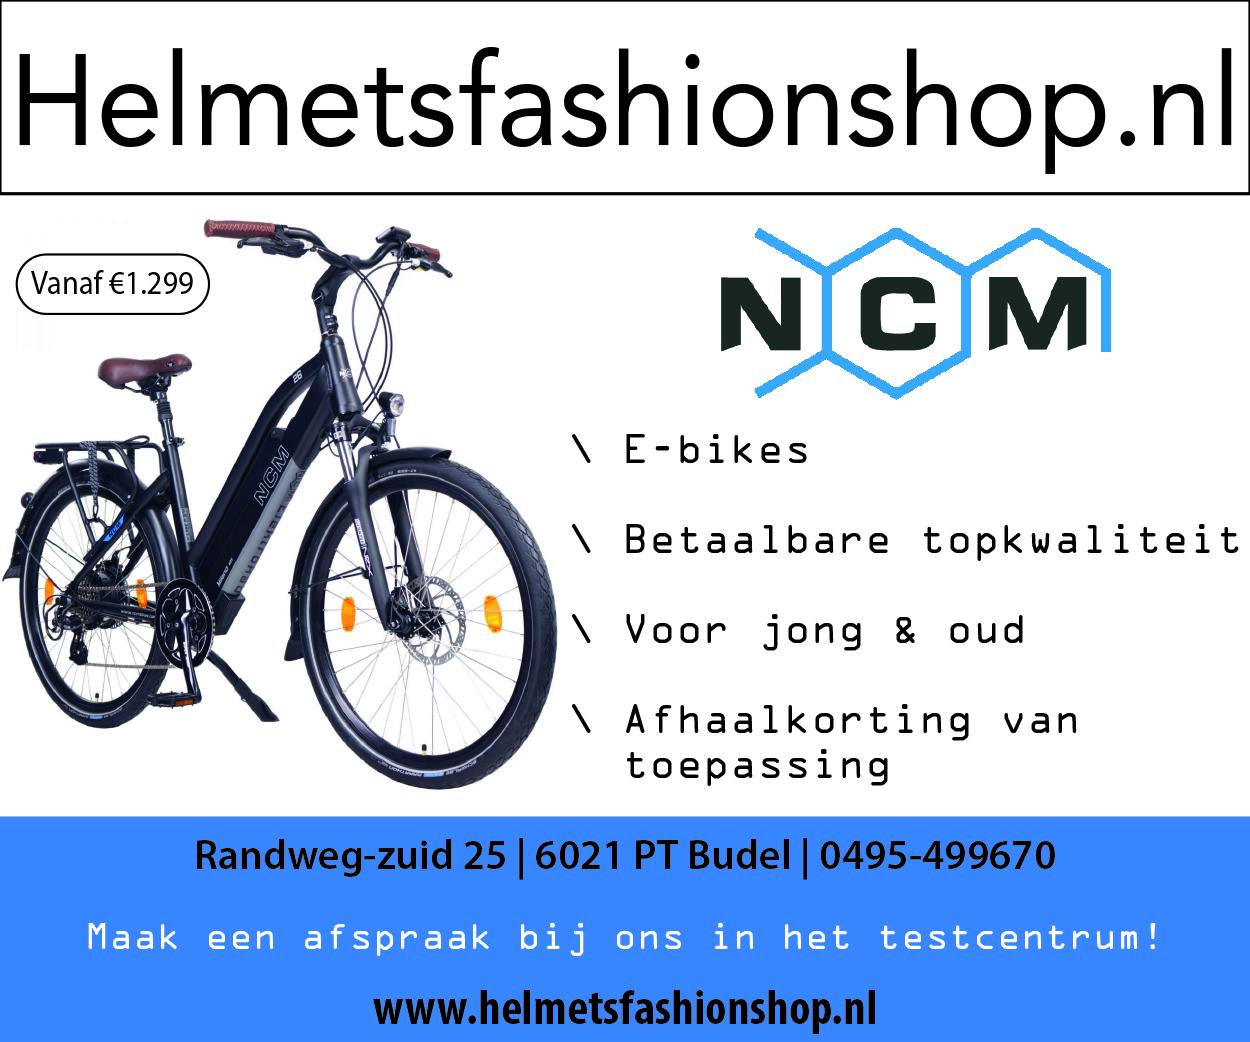 Helmetsfashionshop.nl-advertentie.jpg